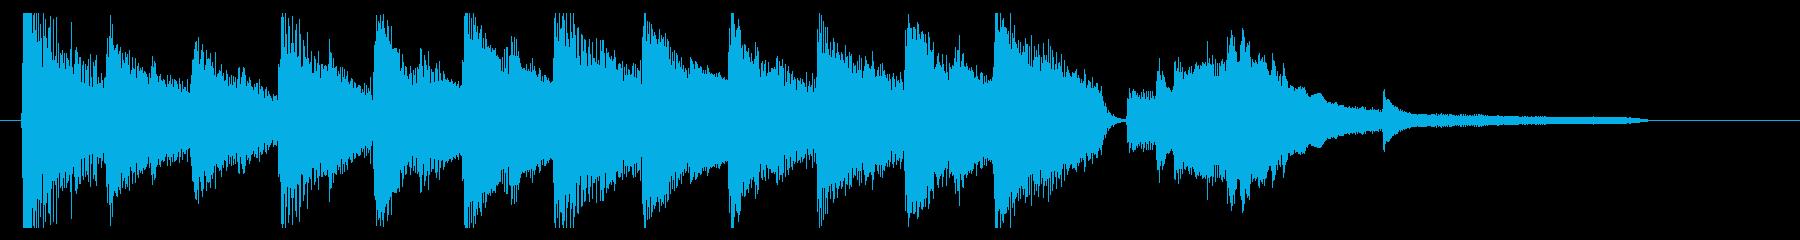 ピアノのジングル おとなしめの再生済みの波形